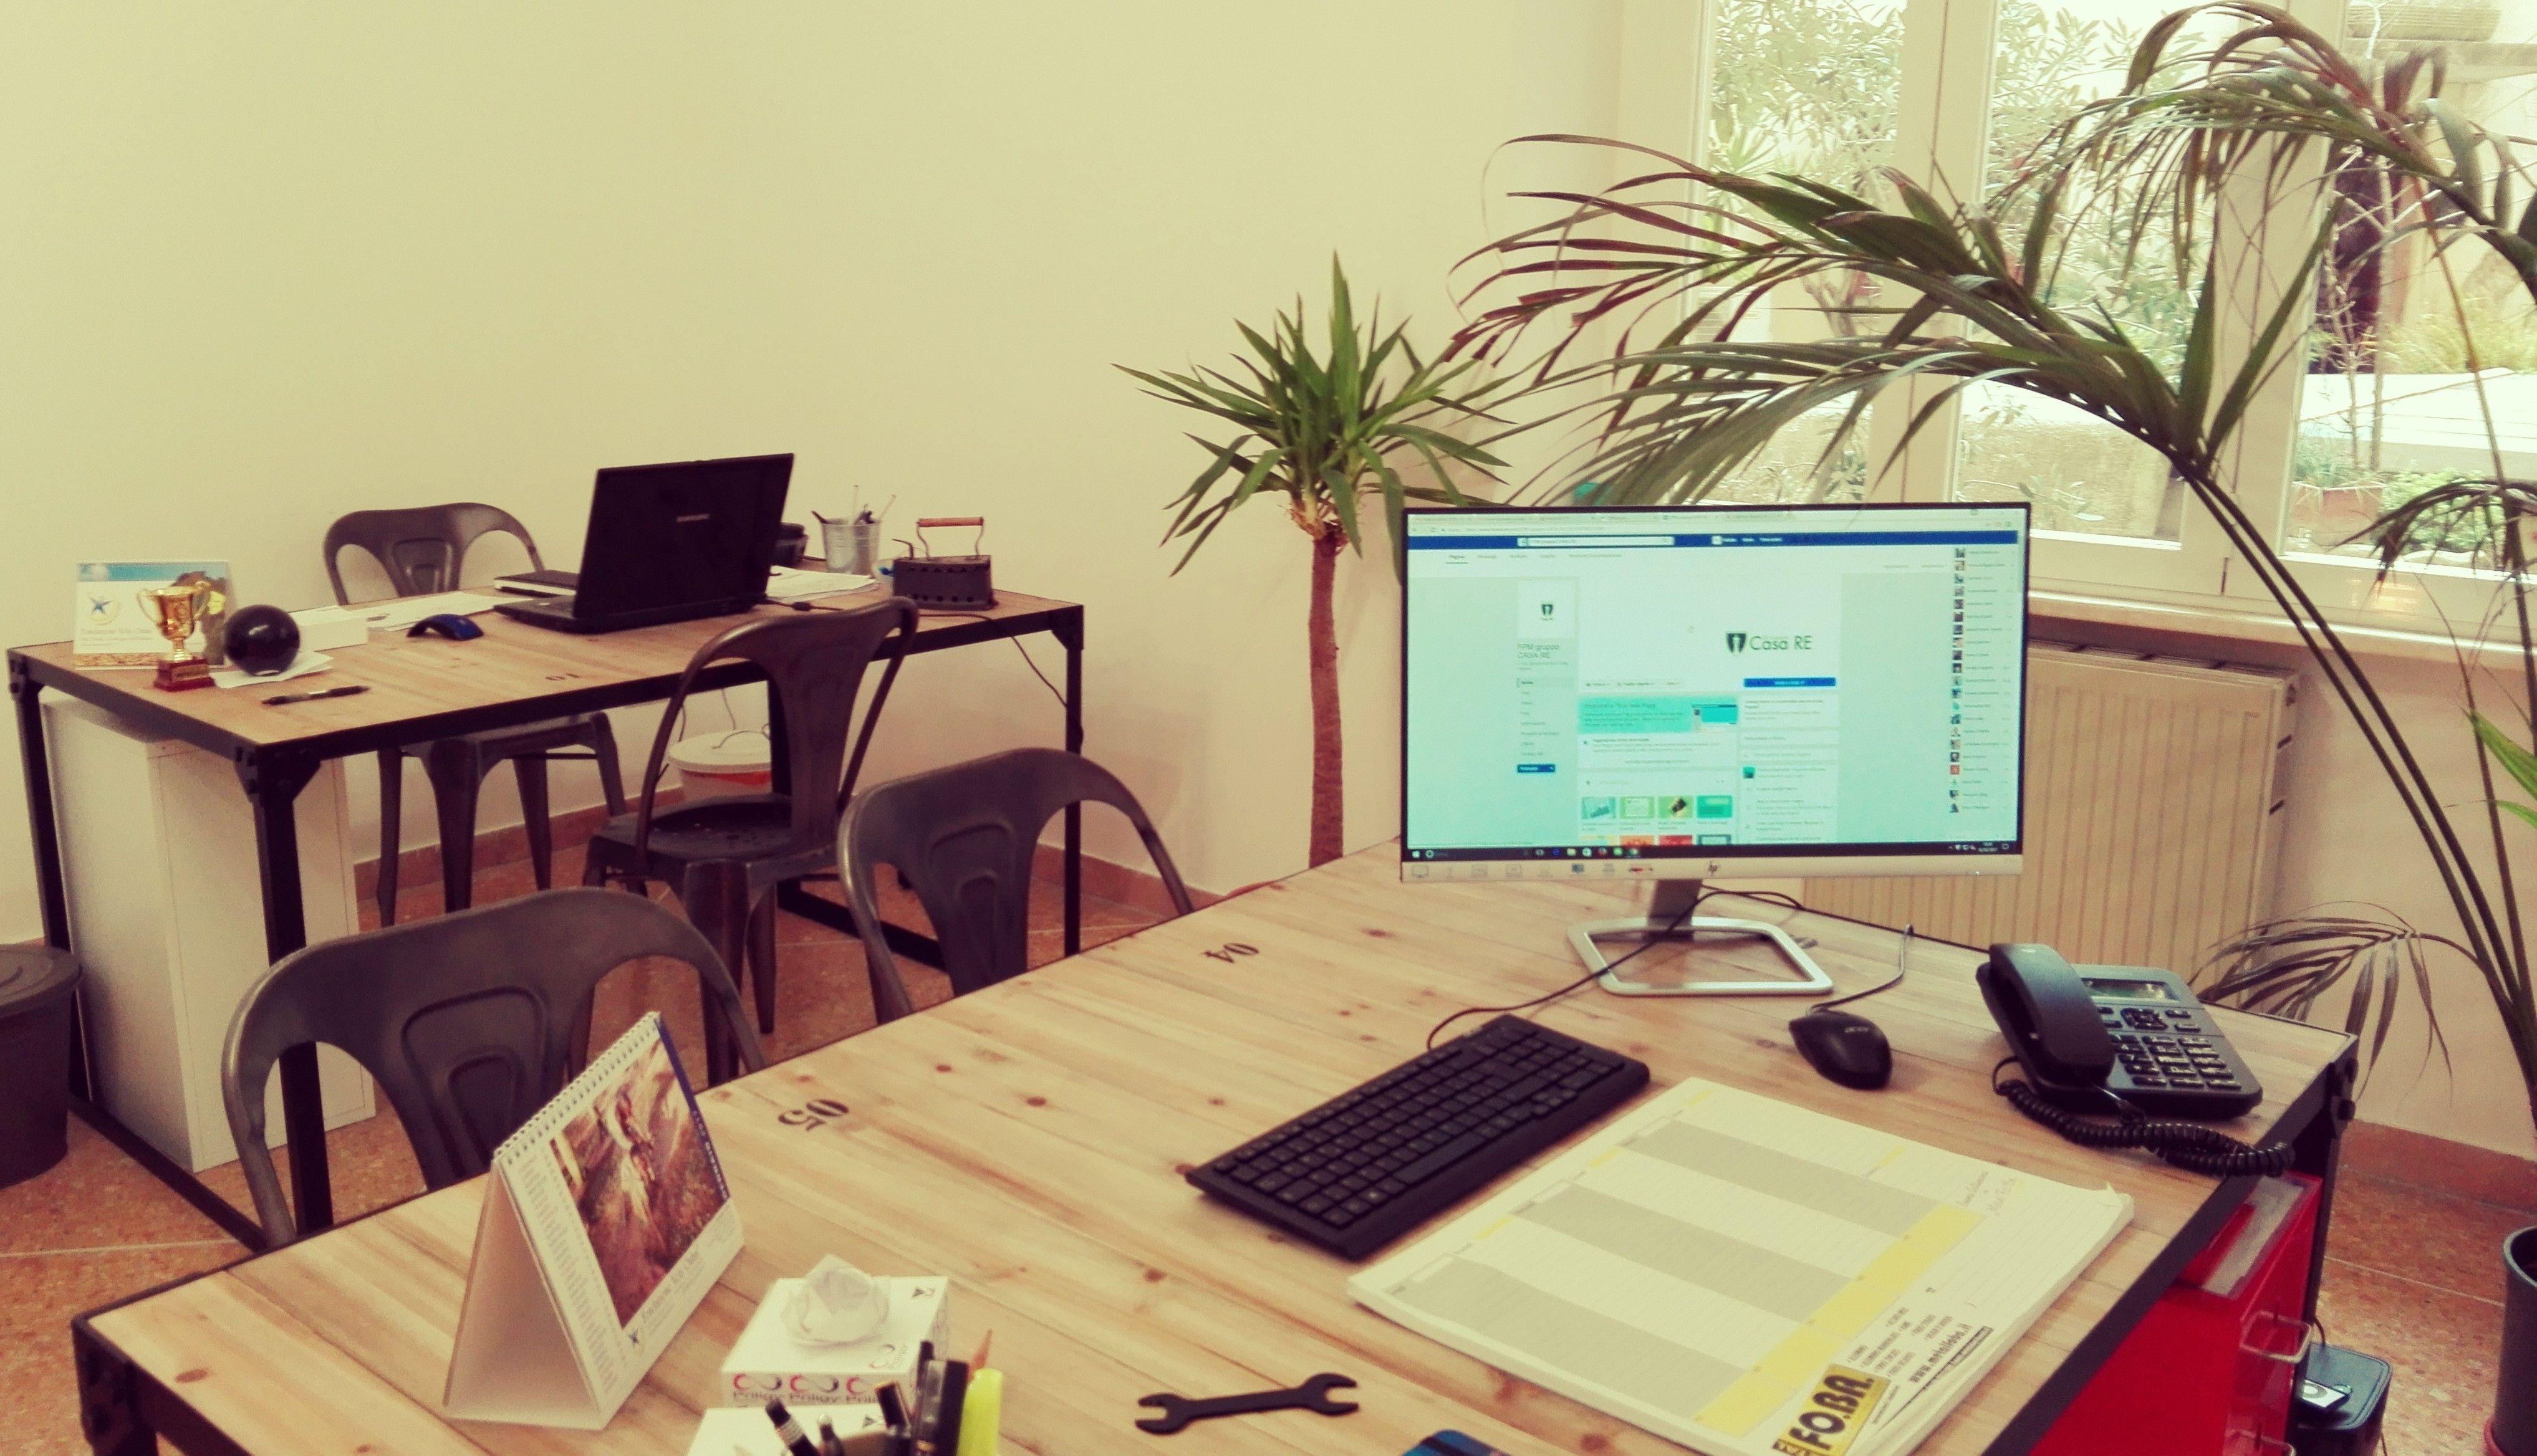 zona ufficio - lo stile industriale che abbiamo usato per questa parte della nostra agenzia oltre ad unire vetro e ferro, accosta un altro materiale che rende l'ambiente più caldo non facendolo risultare impersonale e freddo.